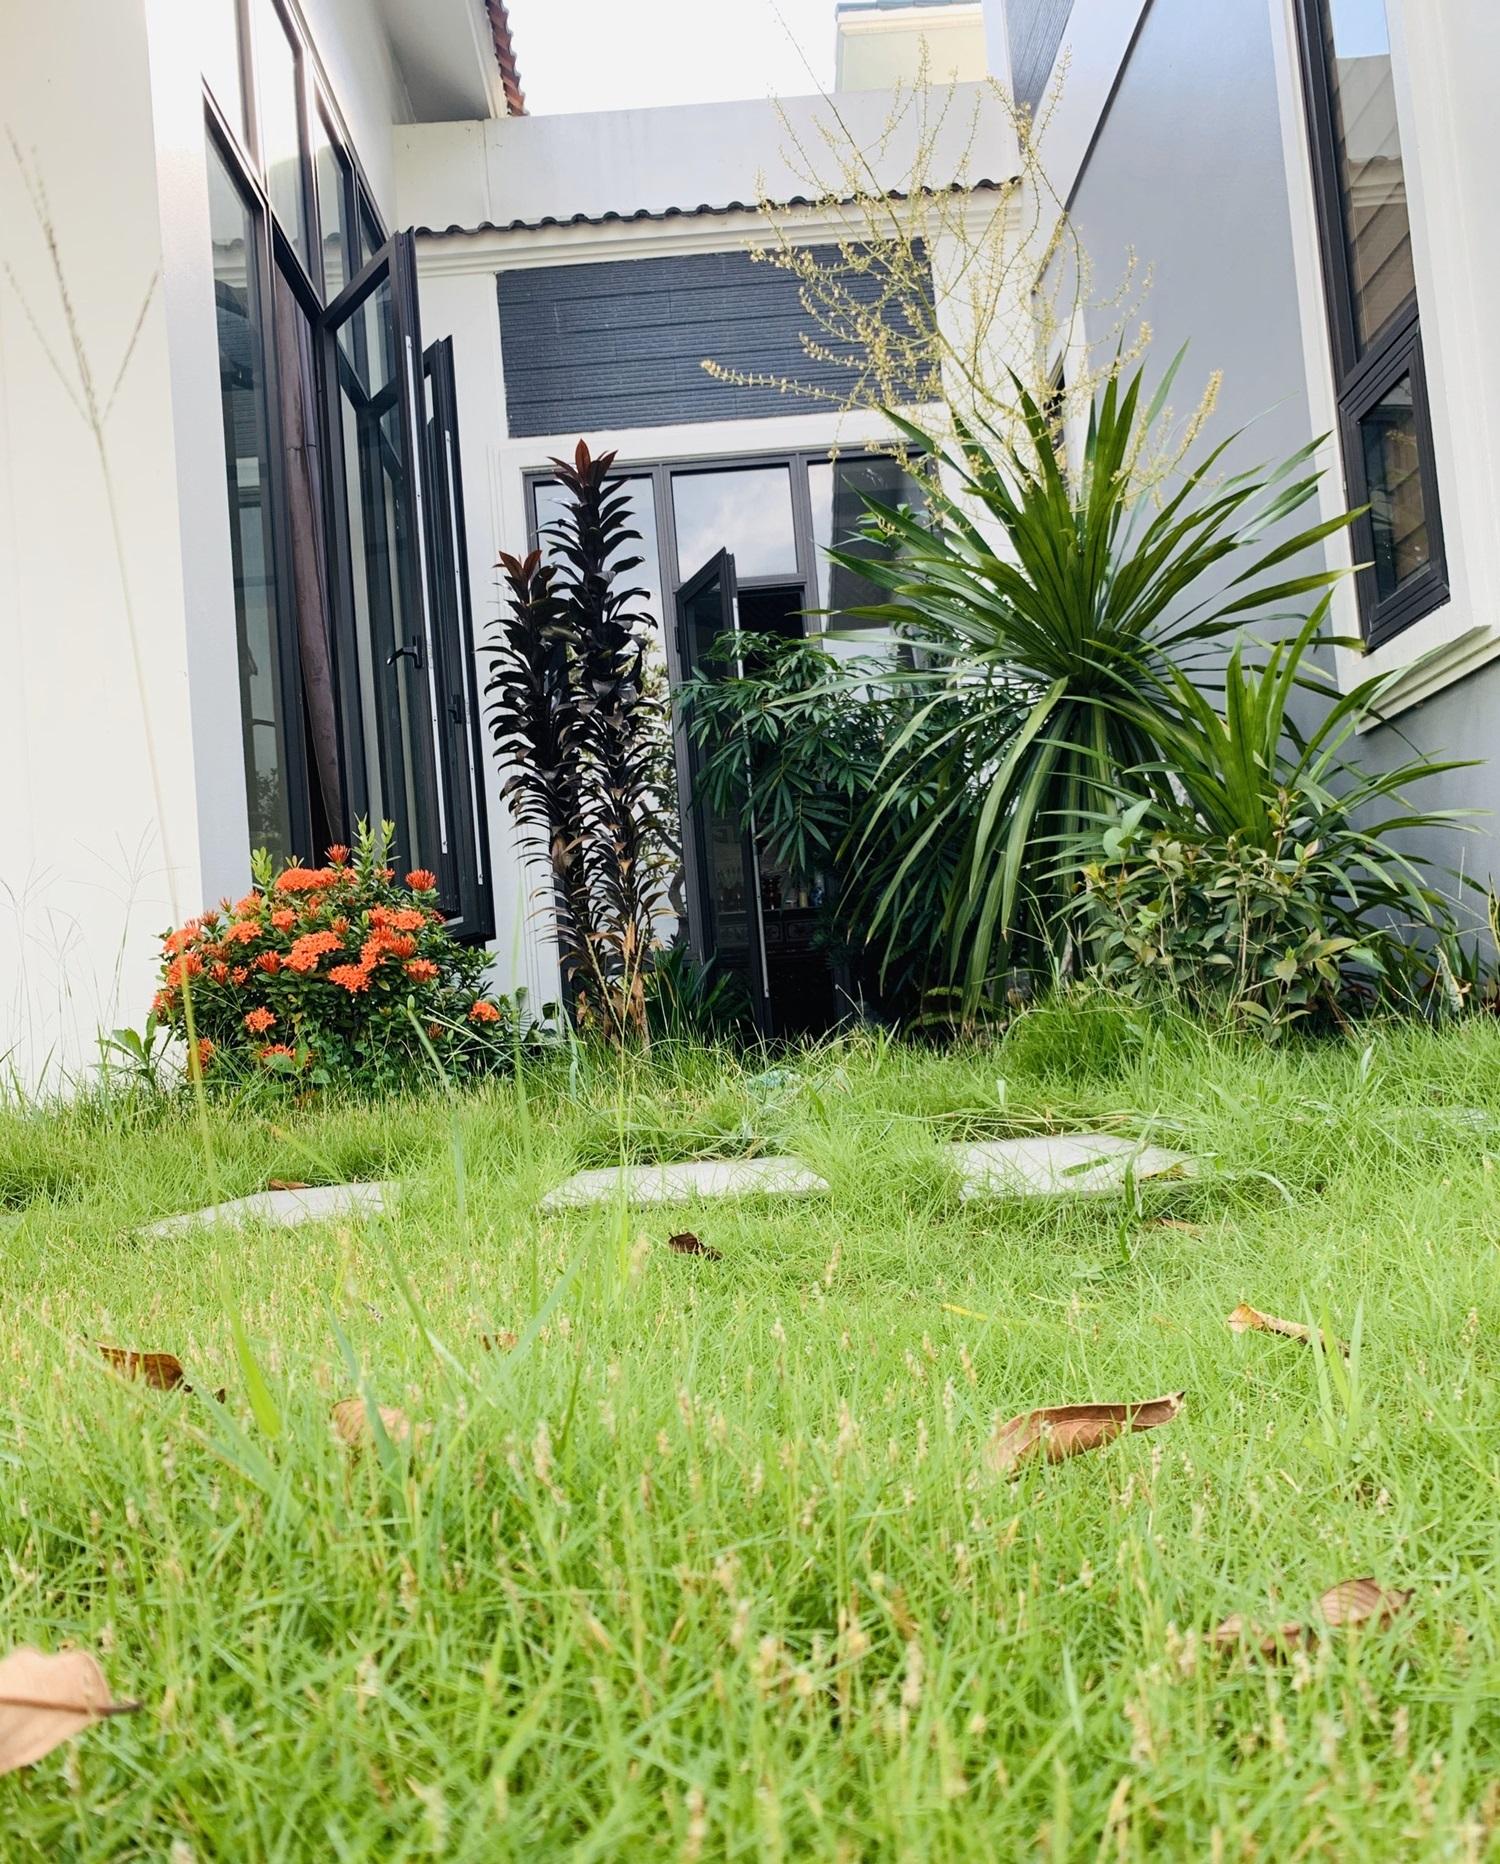 22 1598799900520236951470 - Con trai xây nhà vườn bên đồng lúa xanh mát tặng bố mẹ an hưởng tuổi già ở Vĩnh Phúc